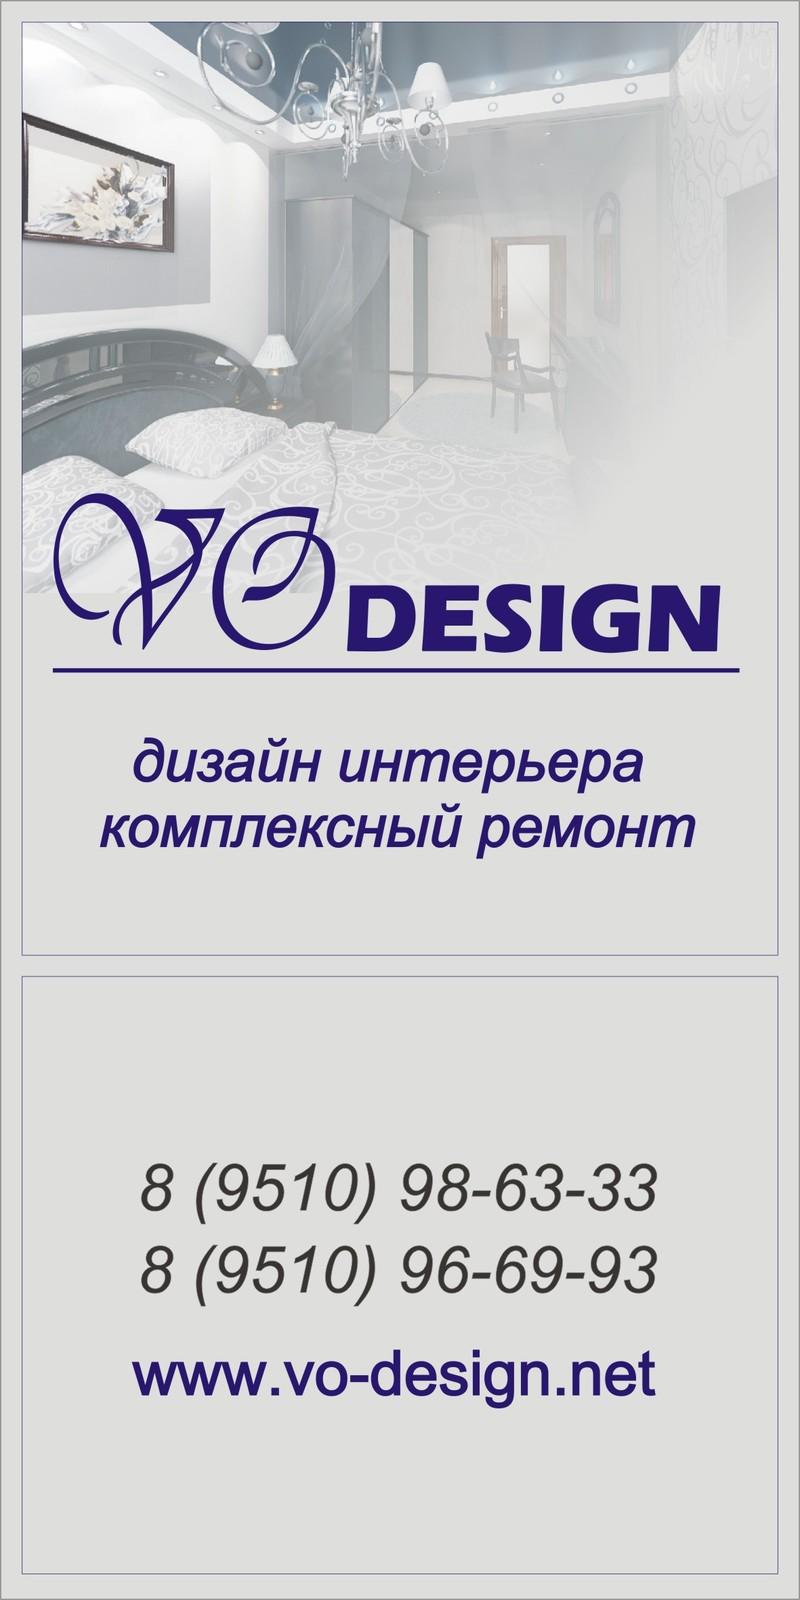 Дизайн систем ульяновск сайт